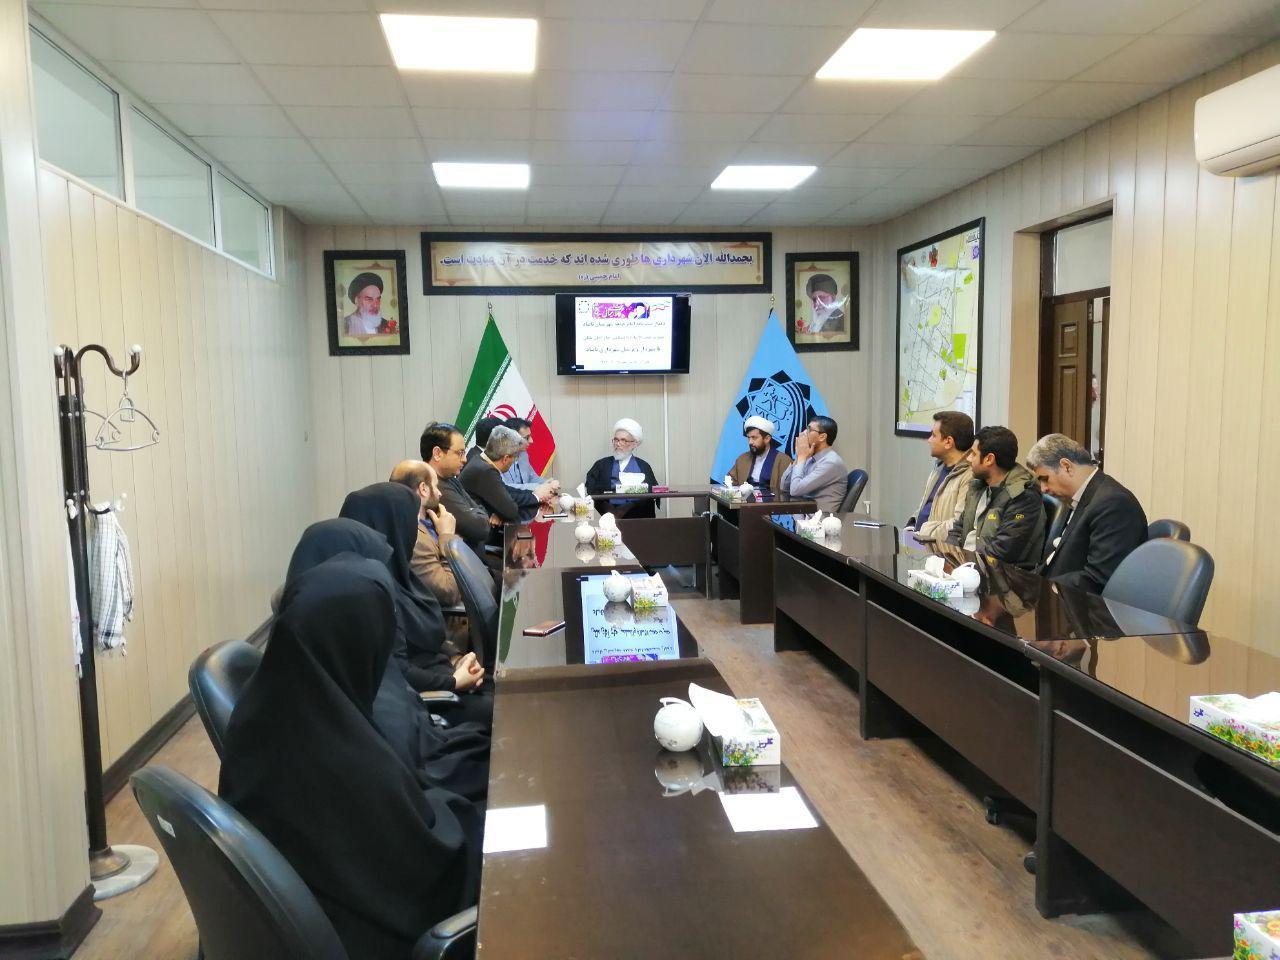 دیدار امام جمعه تایباد با شهردار و کارکنان شهرداری تایباد